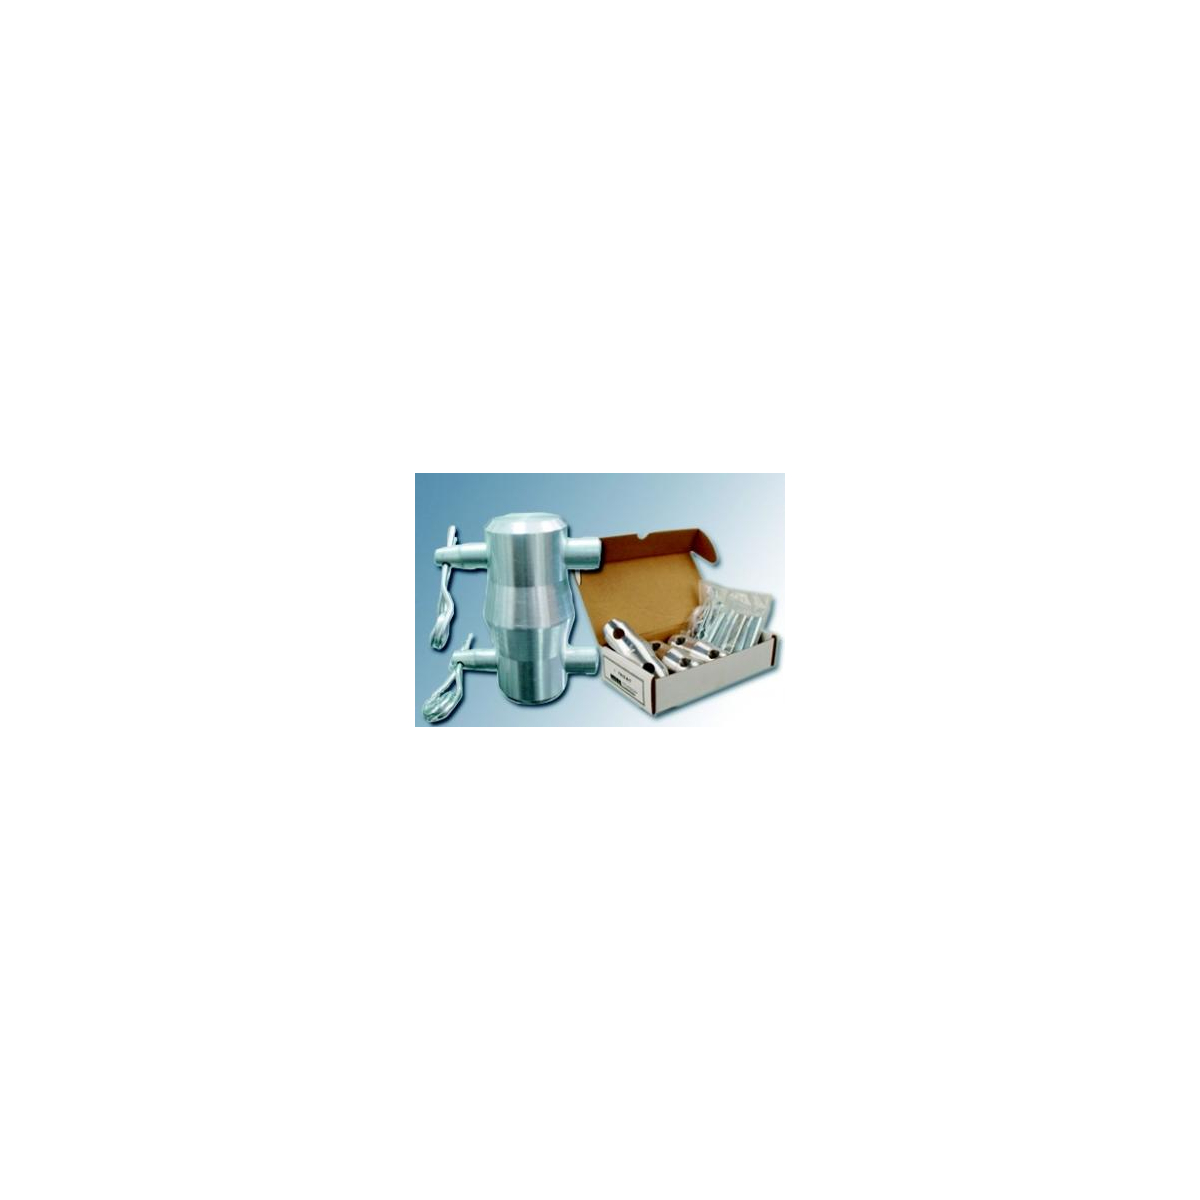 Structures aluminium - Mobiltruss - TRIO KIT